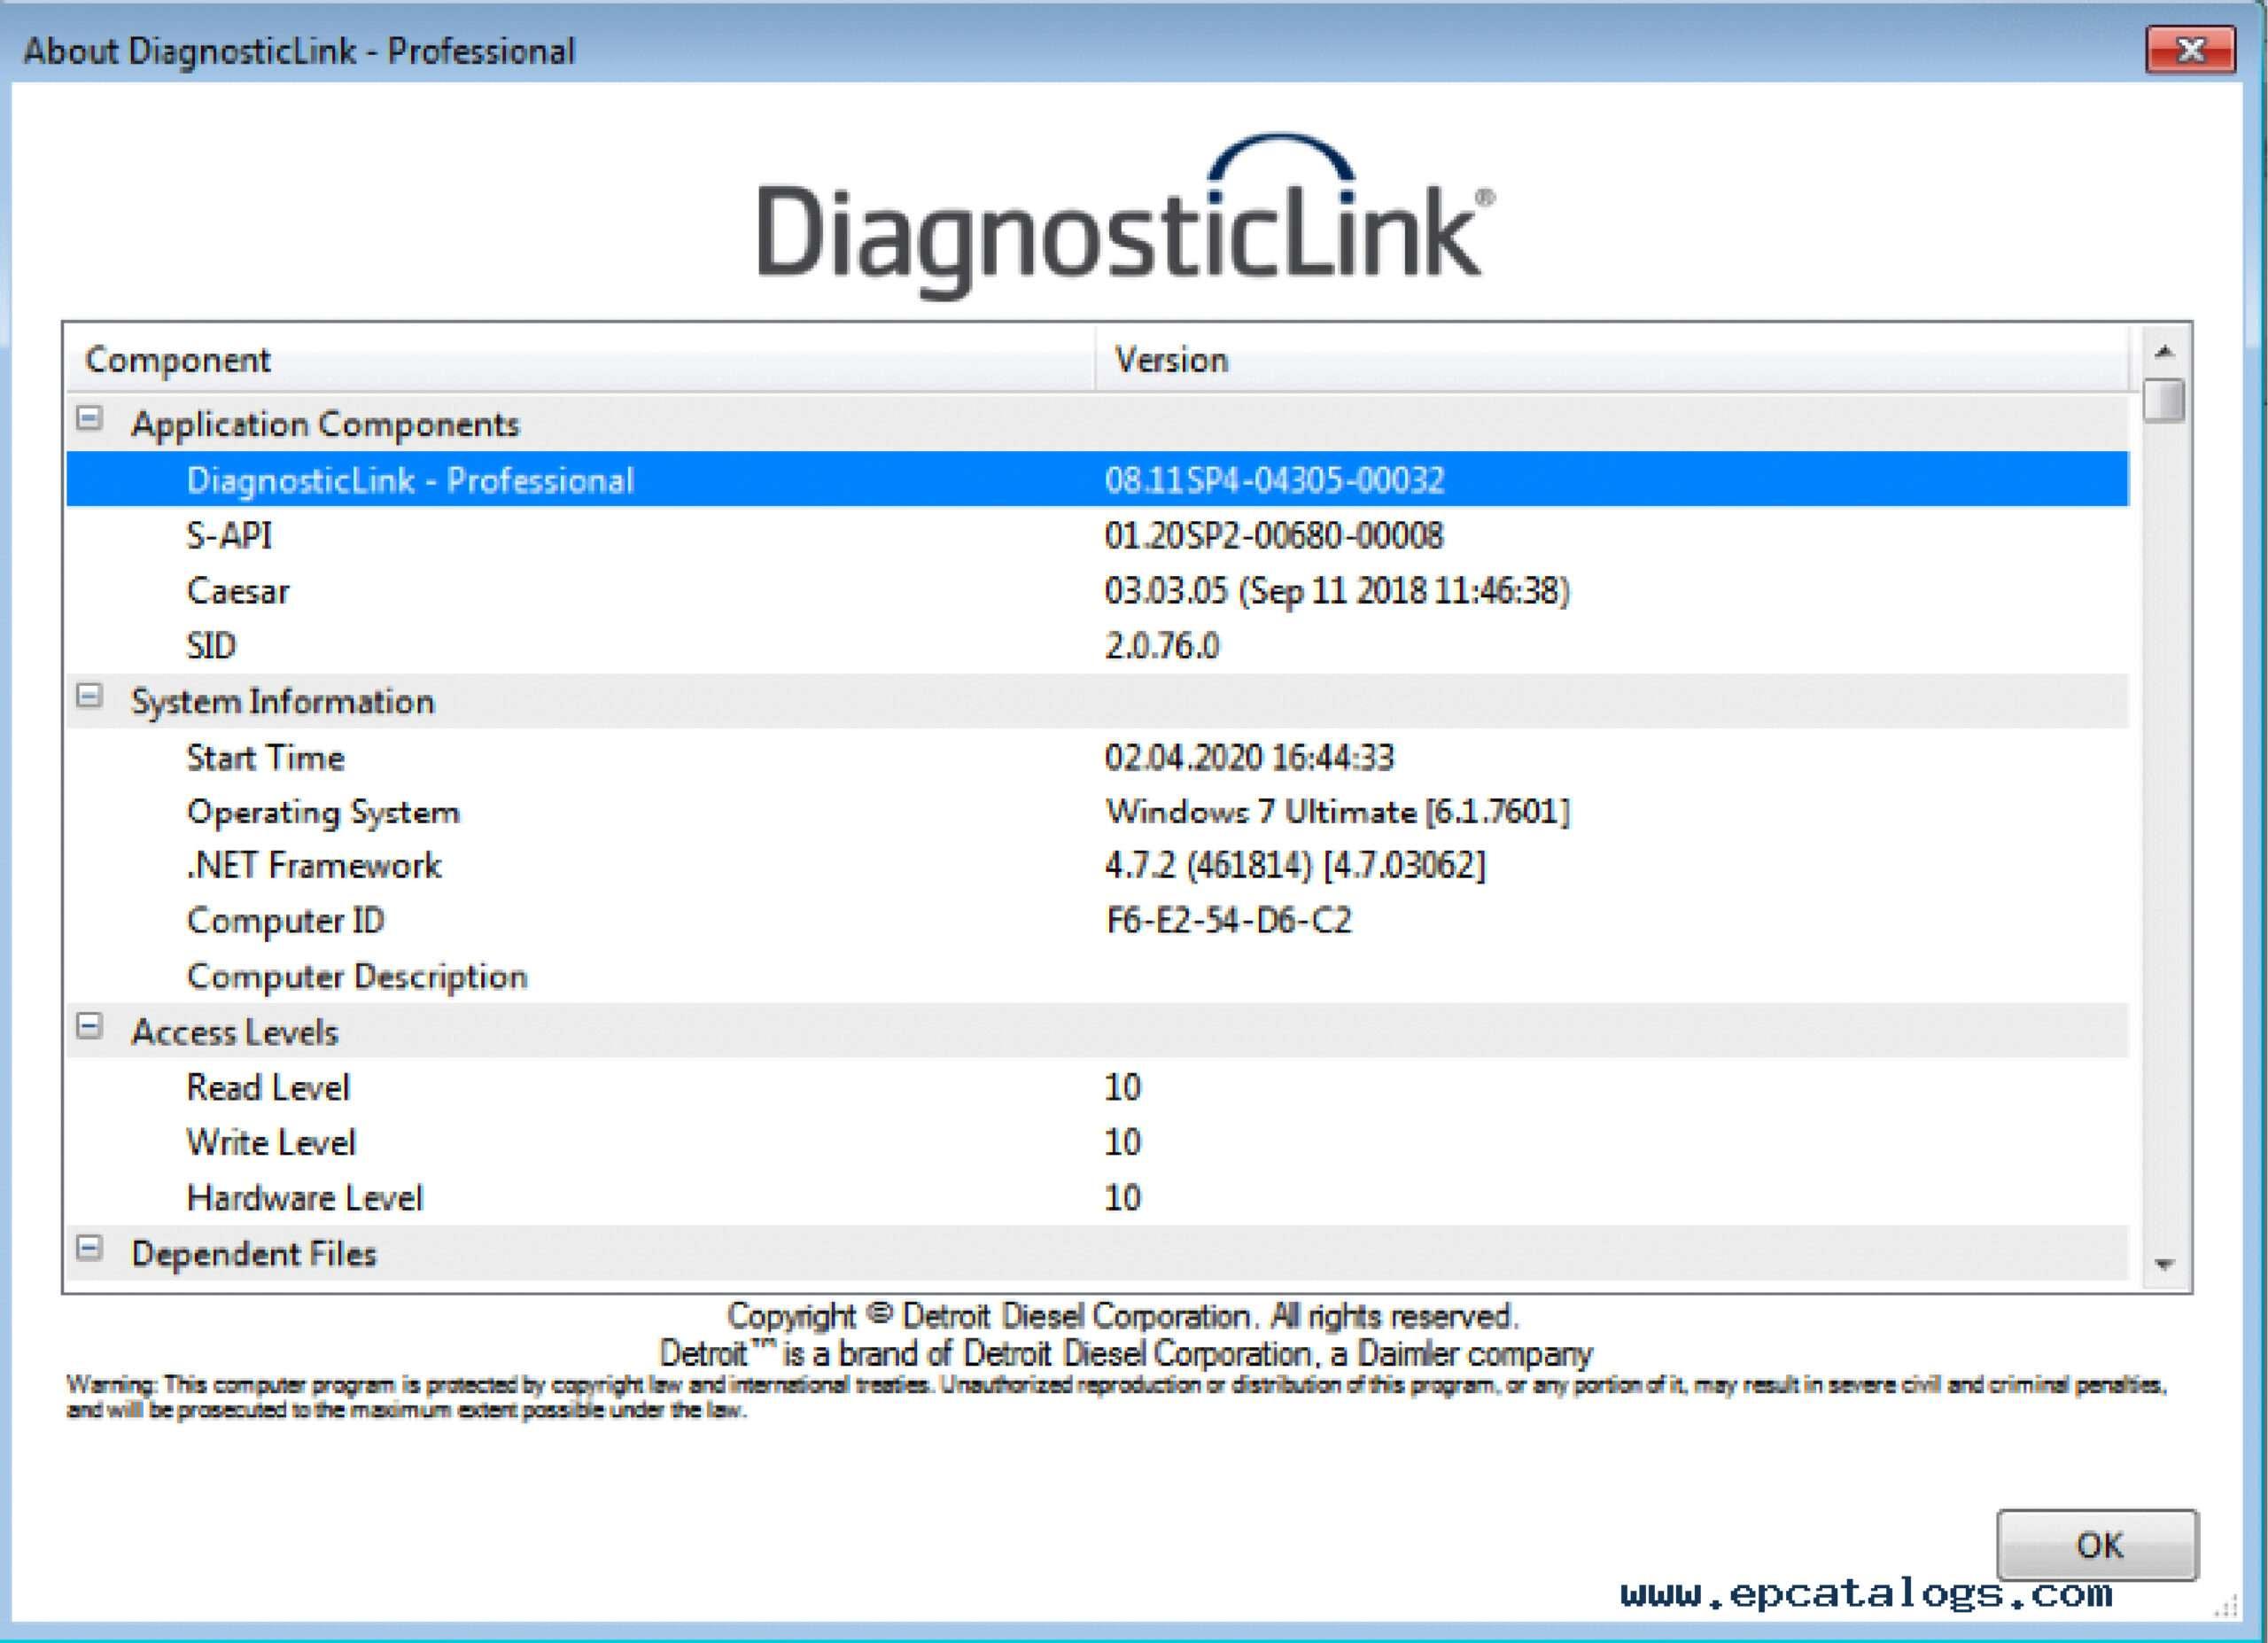 Detroit Diesel Diagnostic Link DDDL 8.13 (only activation) SS-01